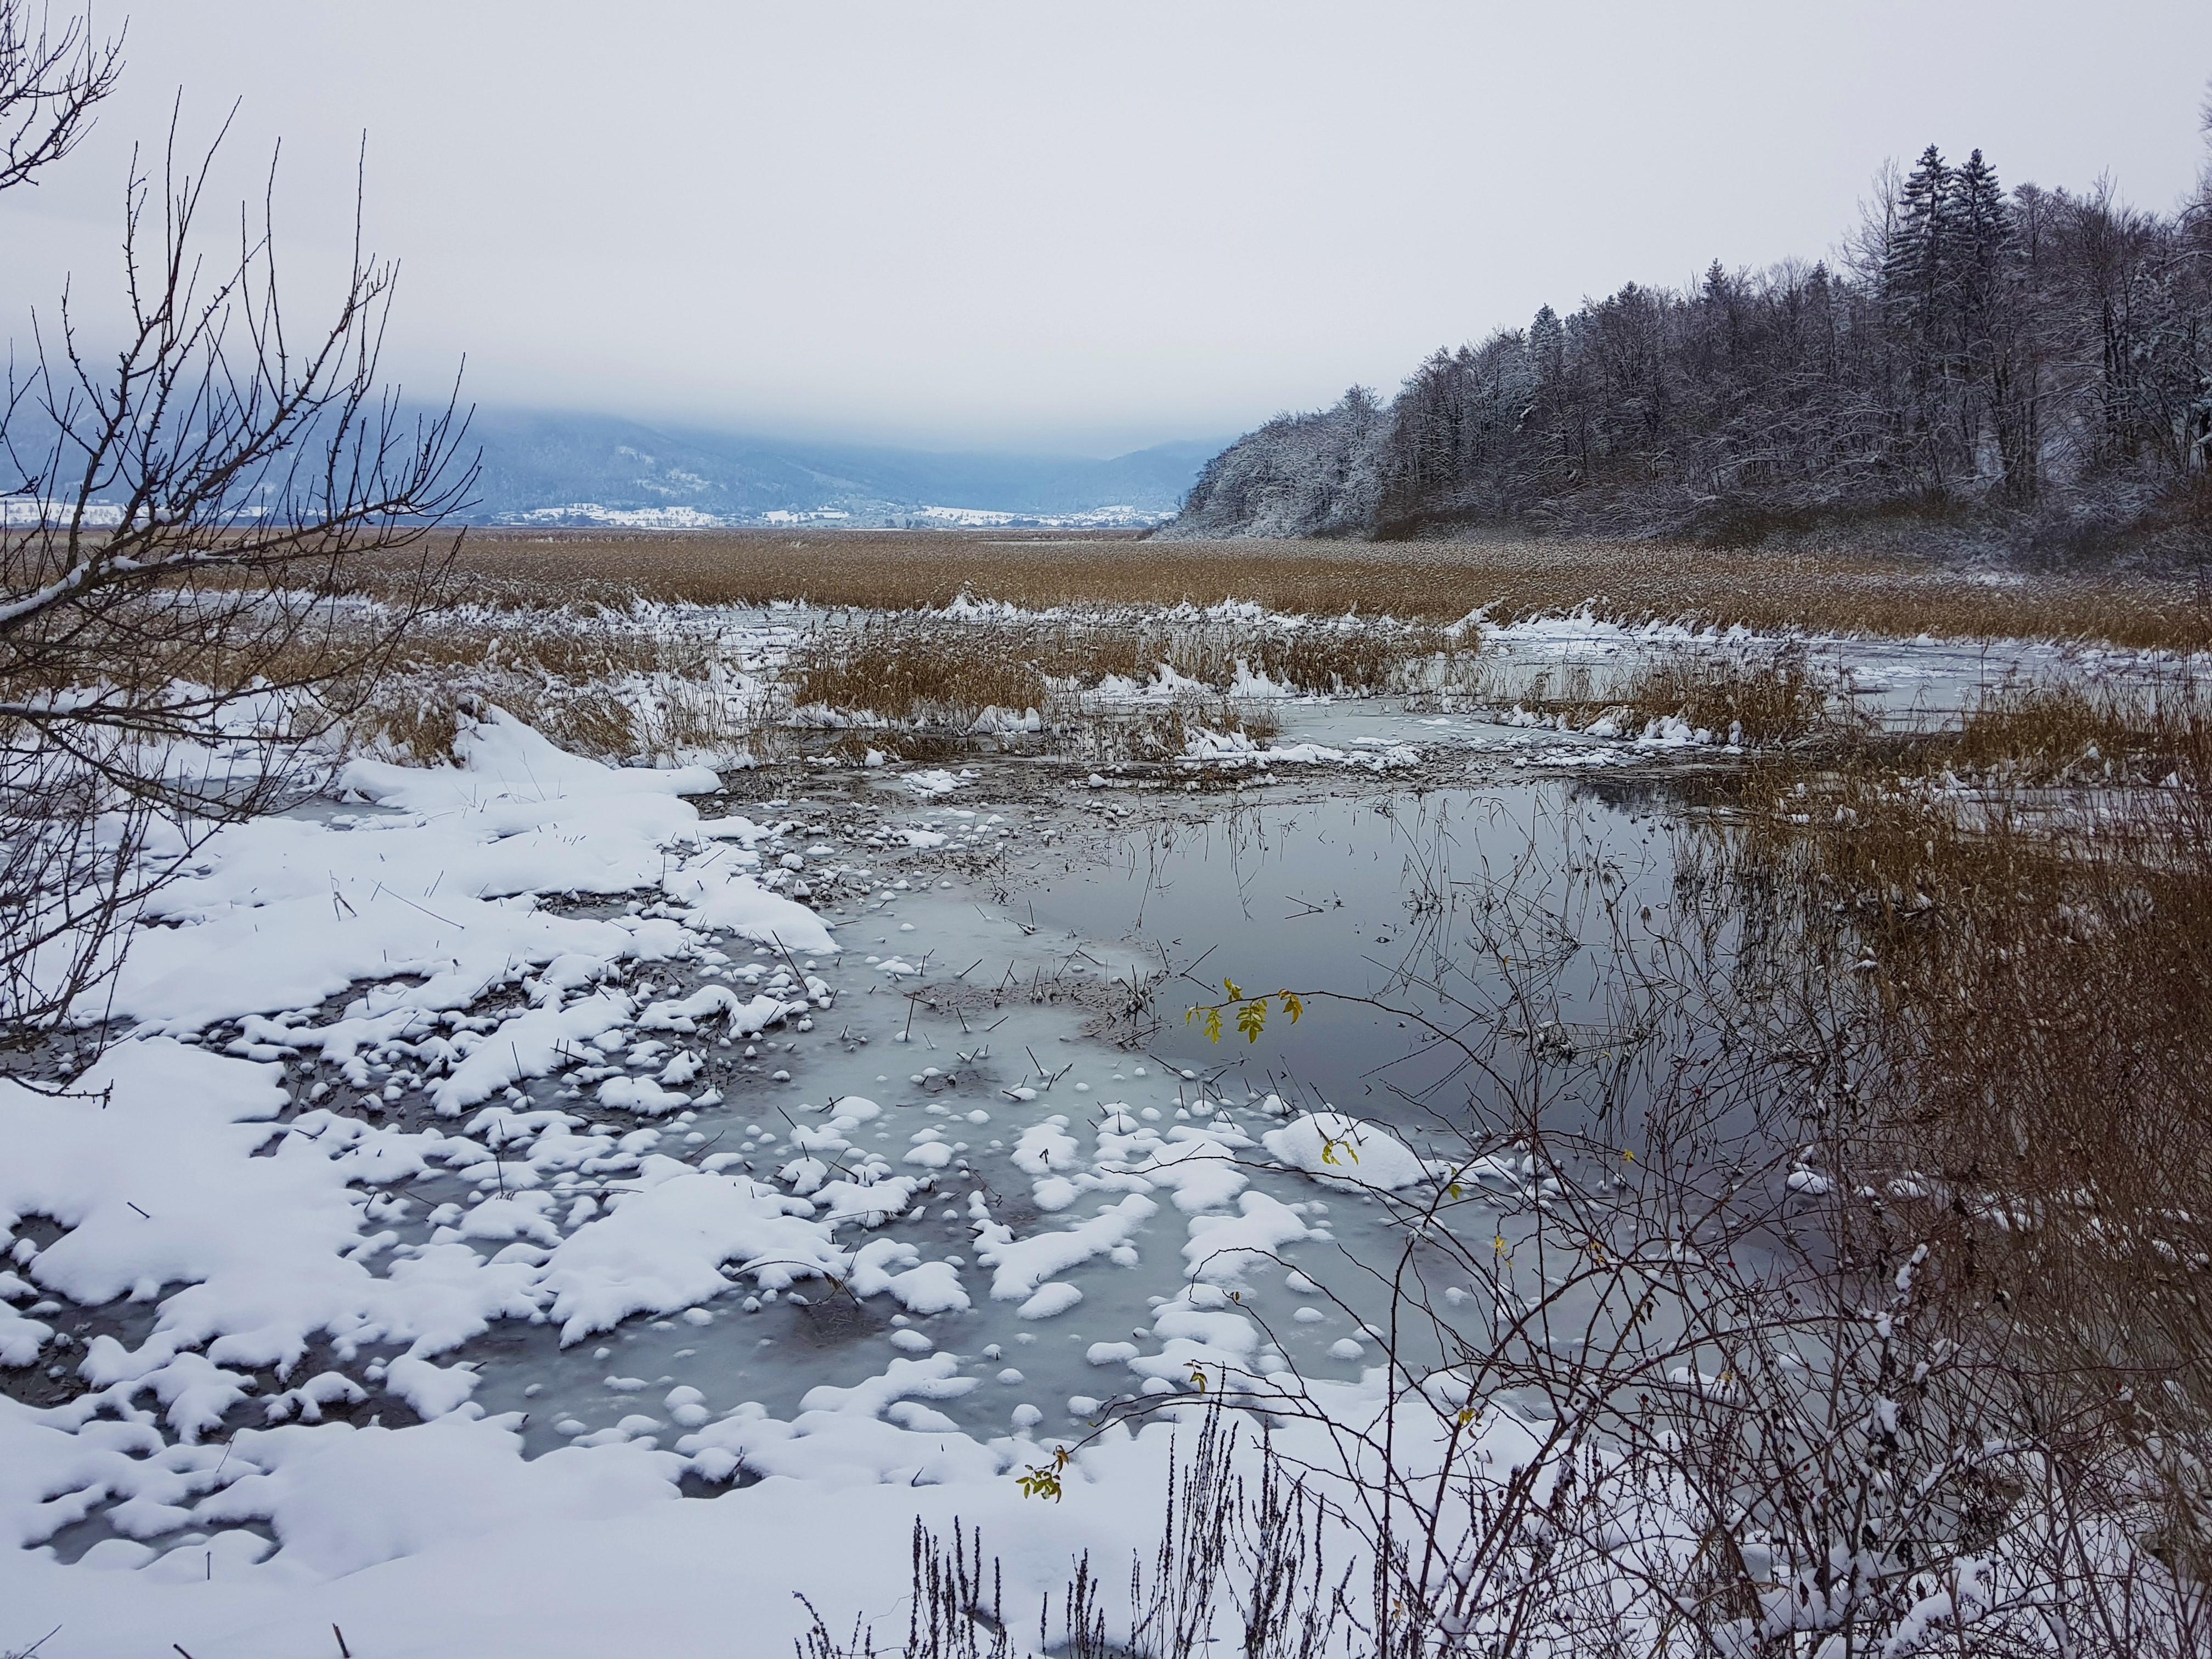 Cerkniško jezero v objemu snega in ledu.